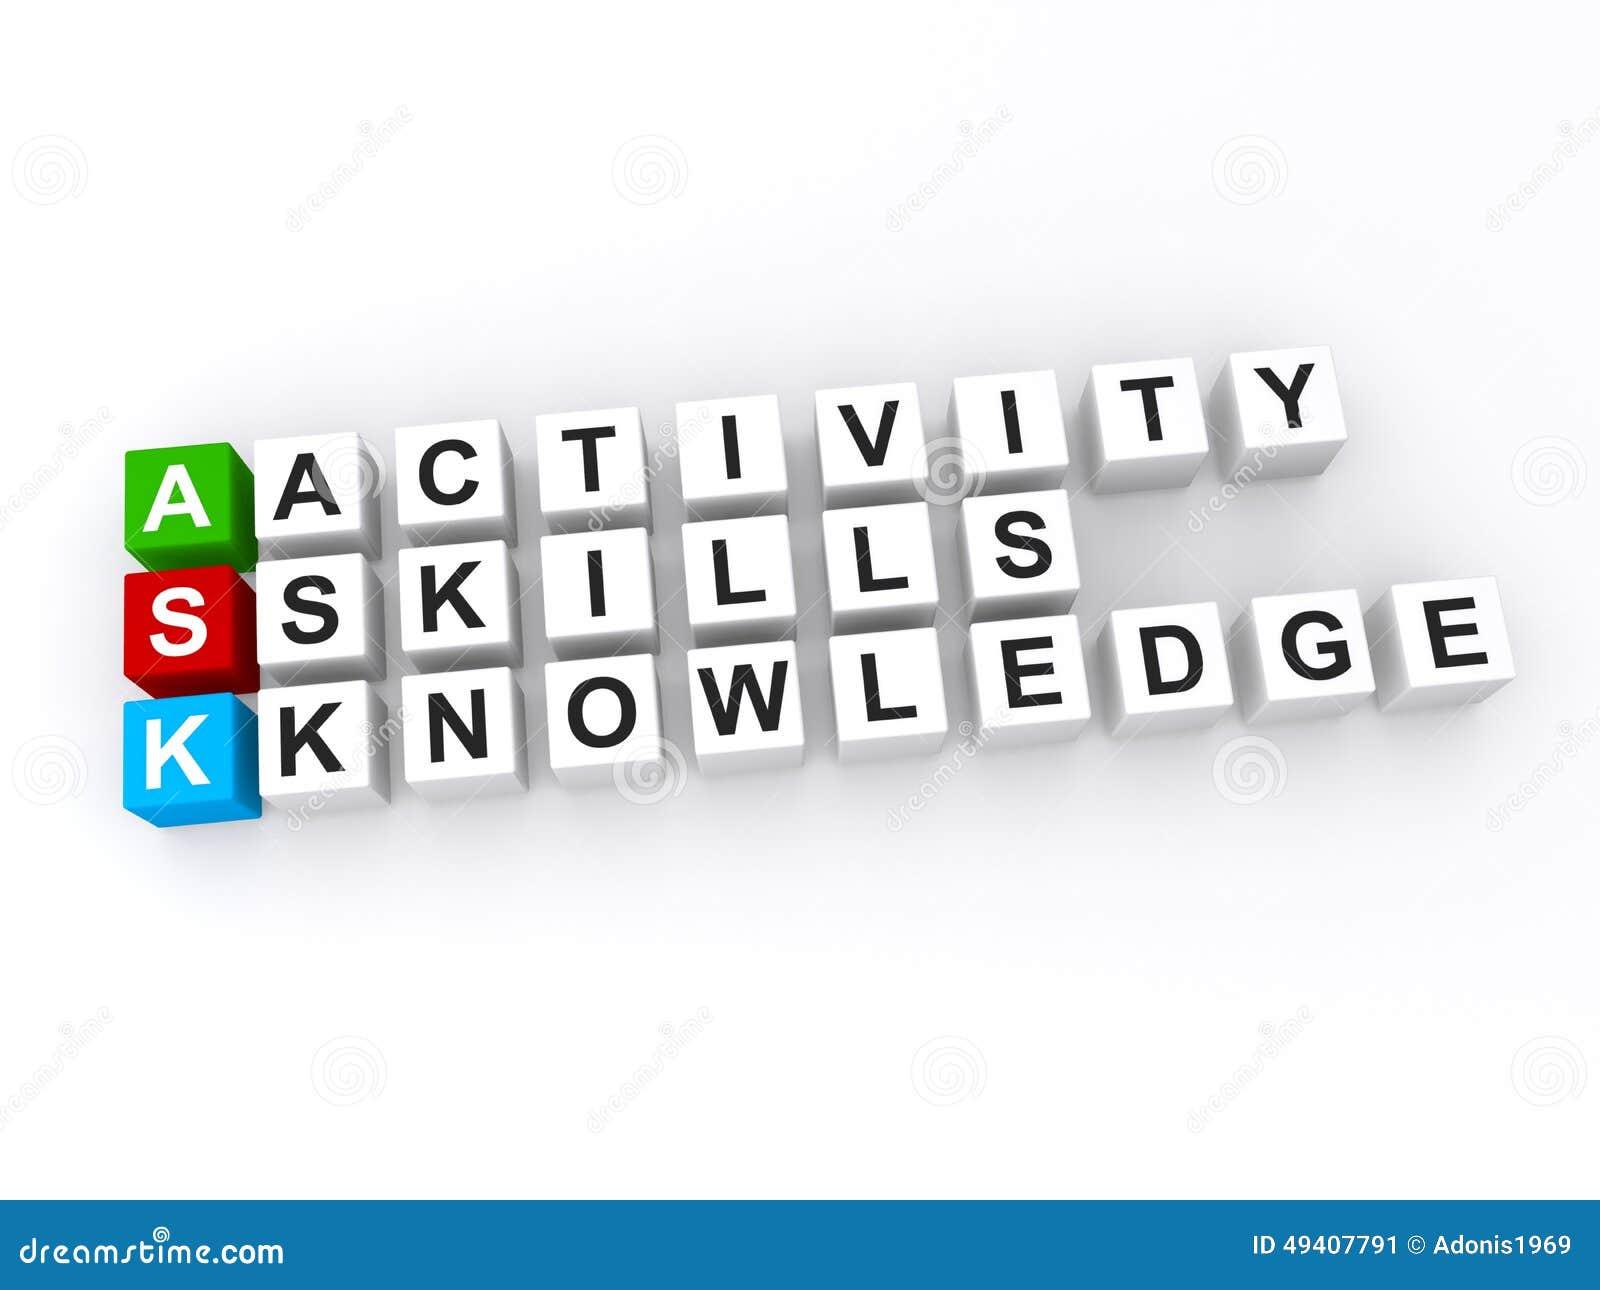 Download Tätigkeit, Fähigkeiten Und Wissen Stock Abbildung - Illustration von grün, zeichen: 49407791